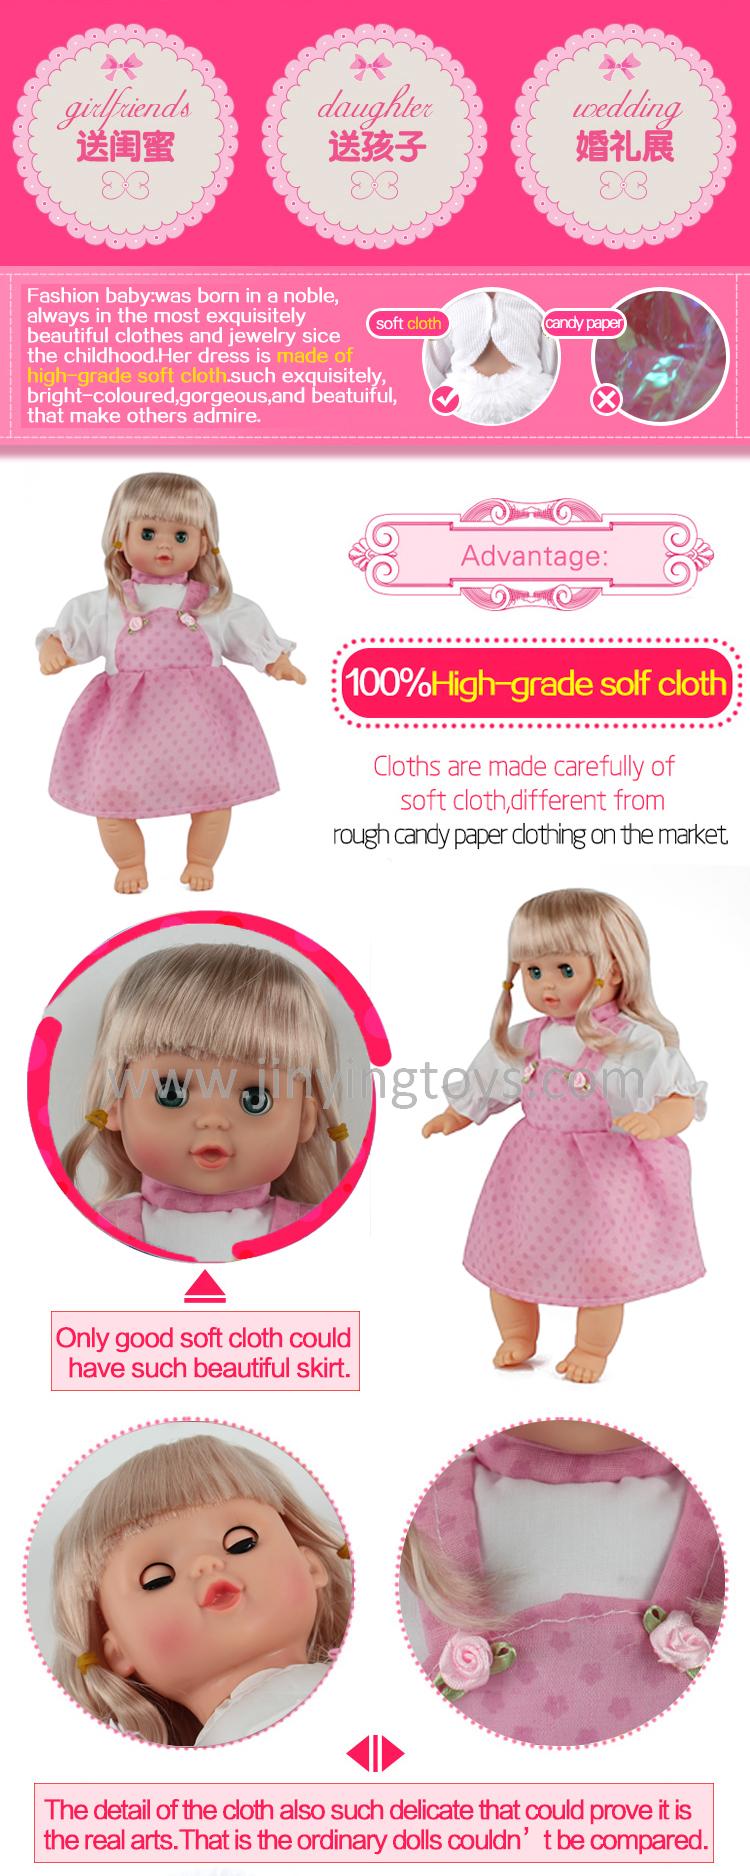 14インチ手作りロリ赤ちゃん人形で6異なるic音 Buy ロリ赤ちゃん人形